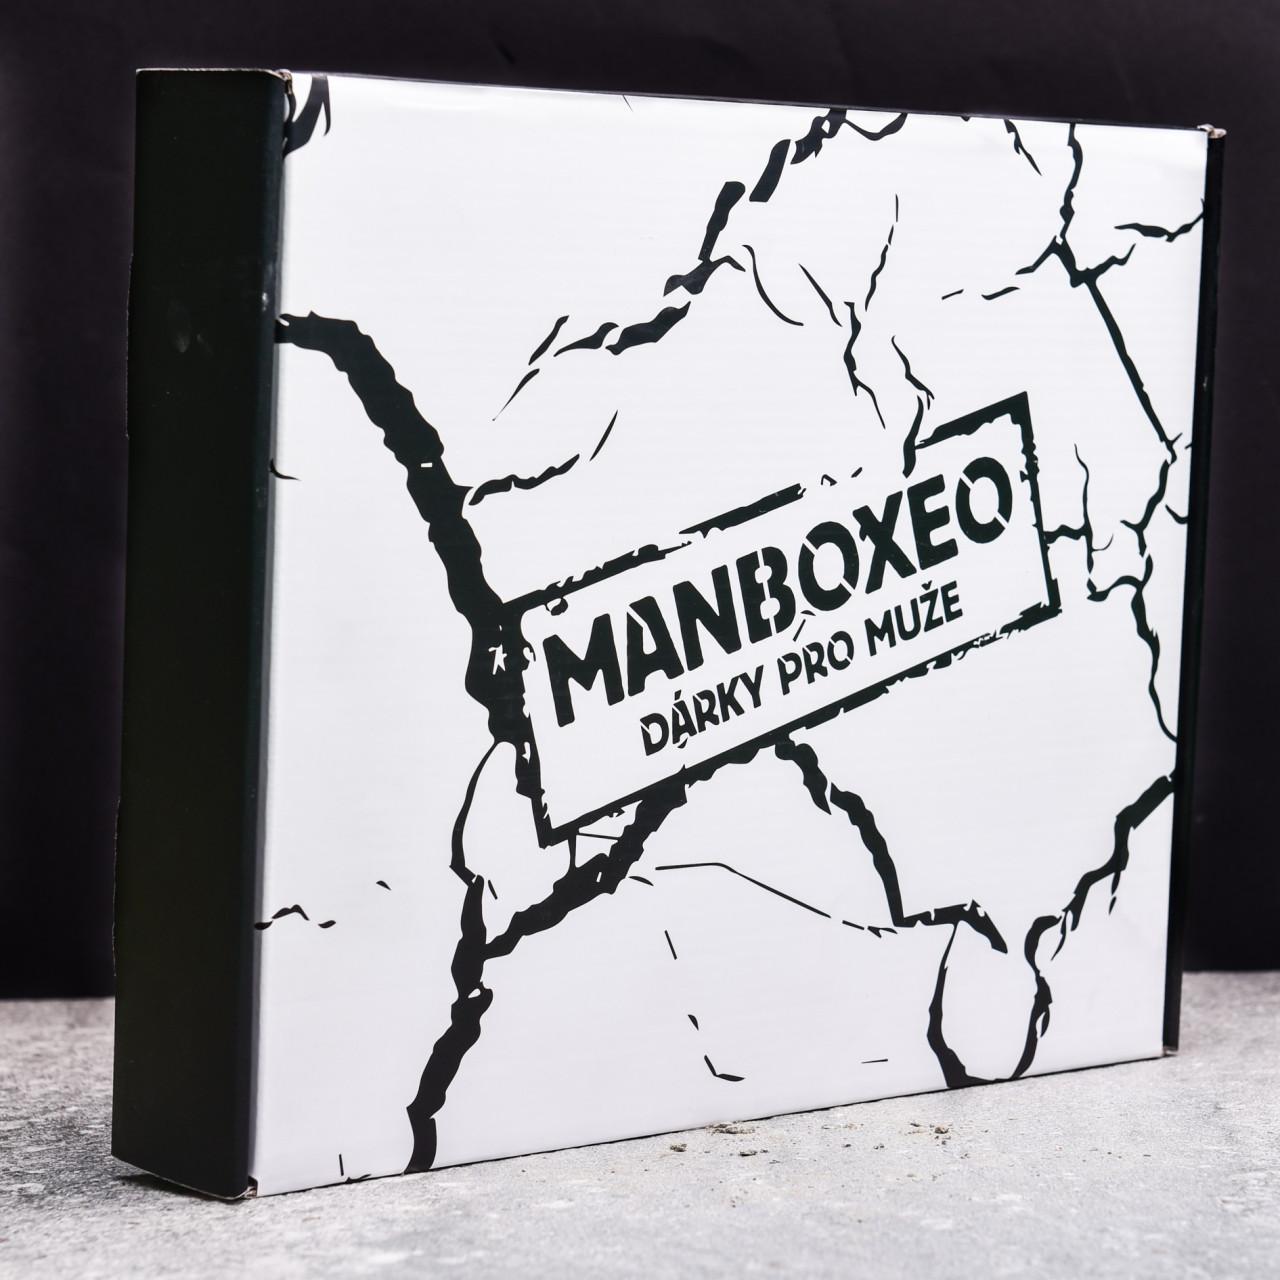 Dárková krabice Manboxeo - dárek pro muže k výročí.jpg